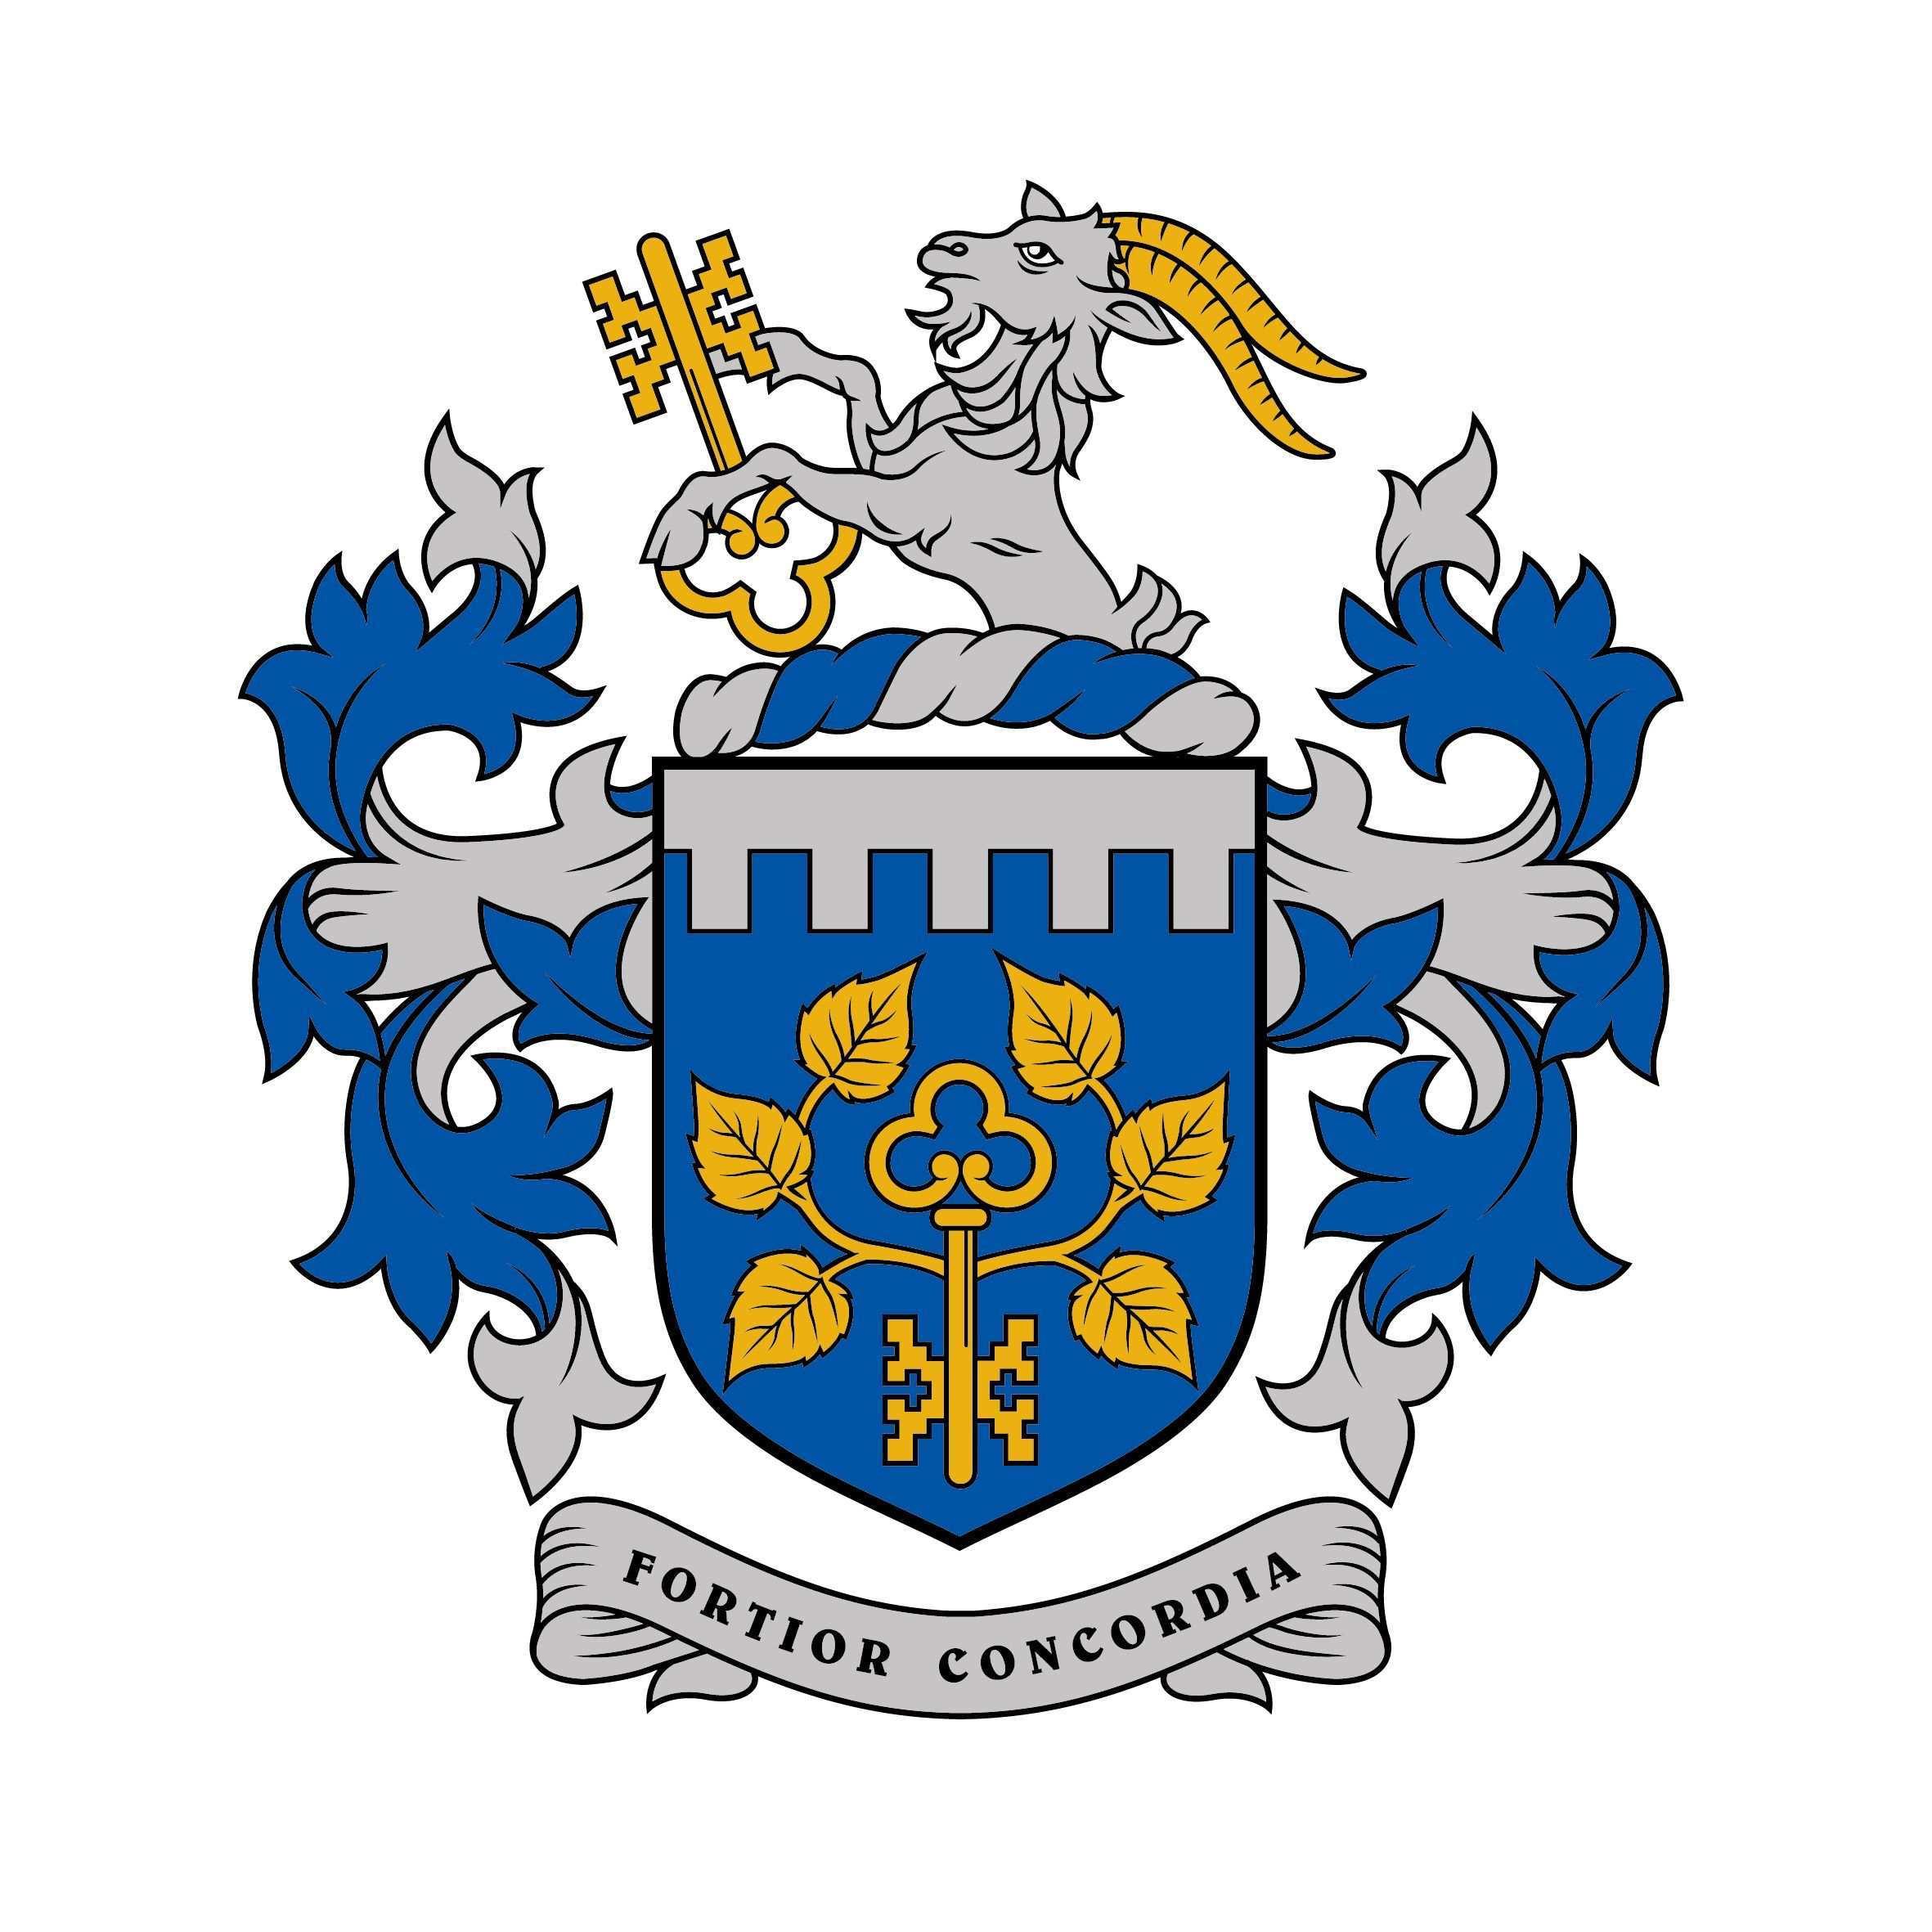 Family Coat Of Arms Kokinu Dzimtas Gerbonis Heraldry Heraldic Heraldik Heraldika Coatofarms Gerbonis Family Dzimta Wappen Vap Wappen Flaggen Banner